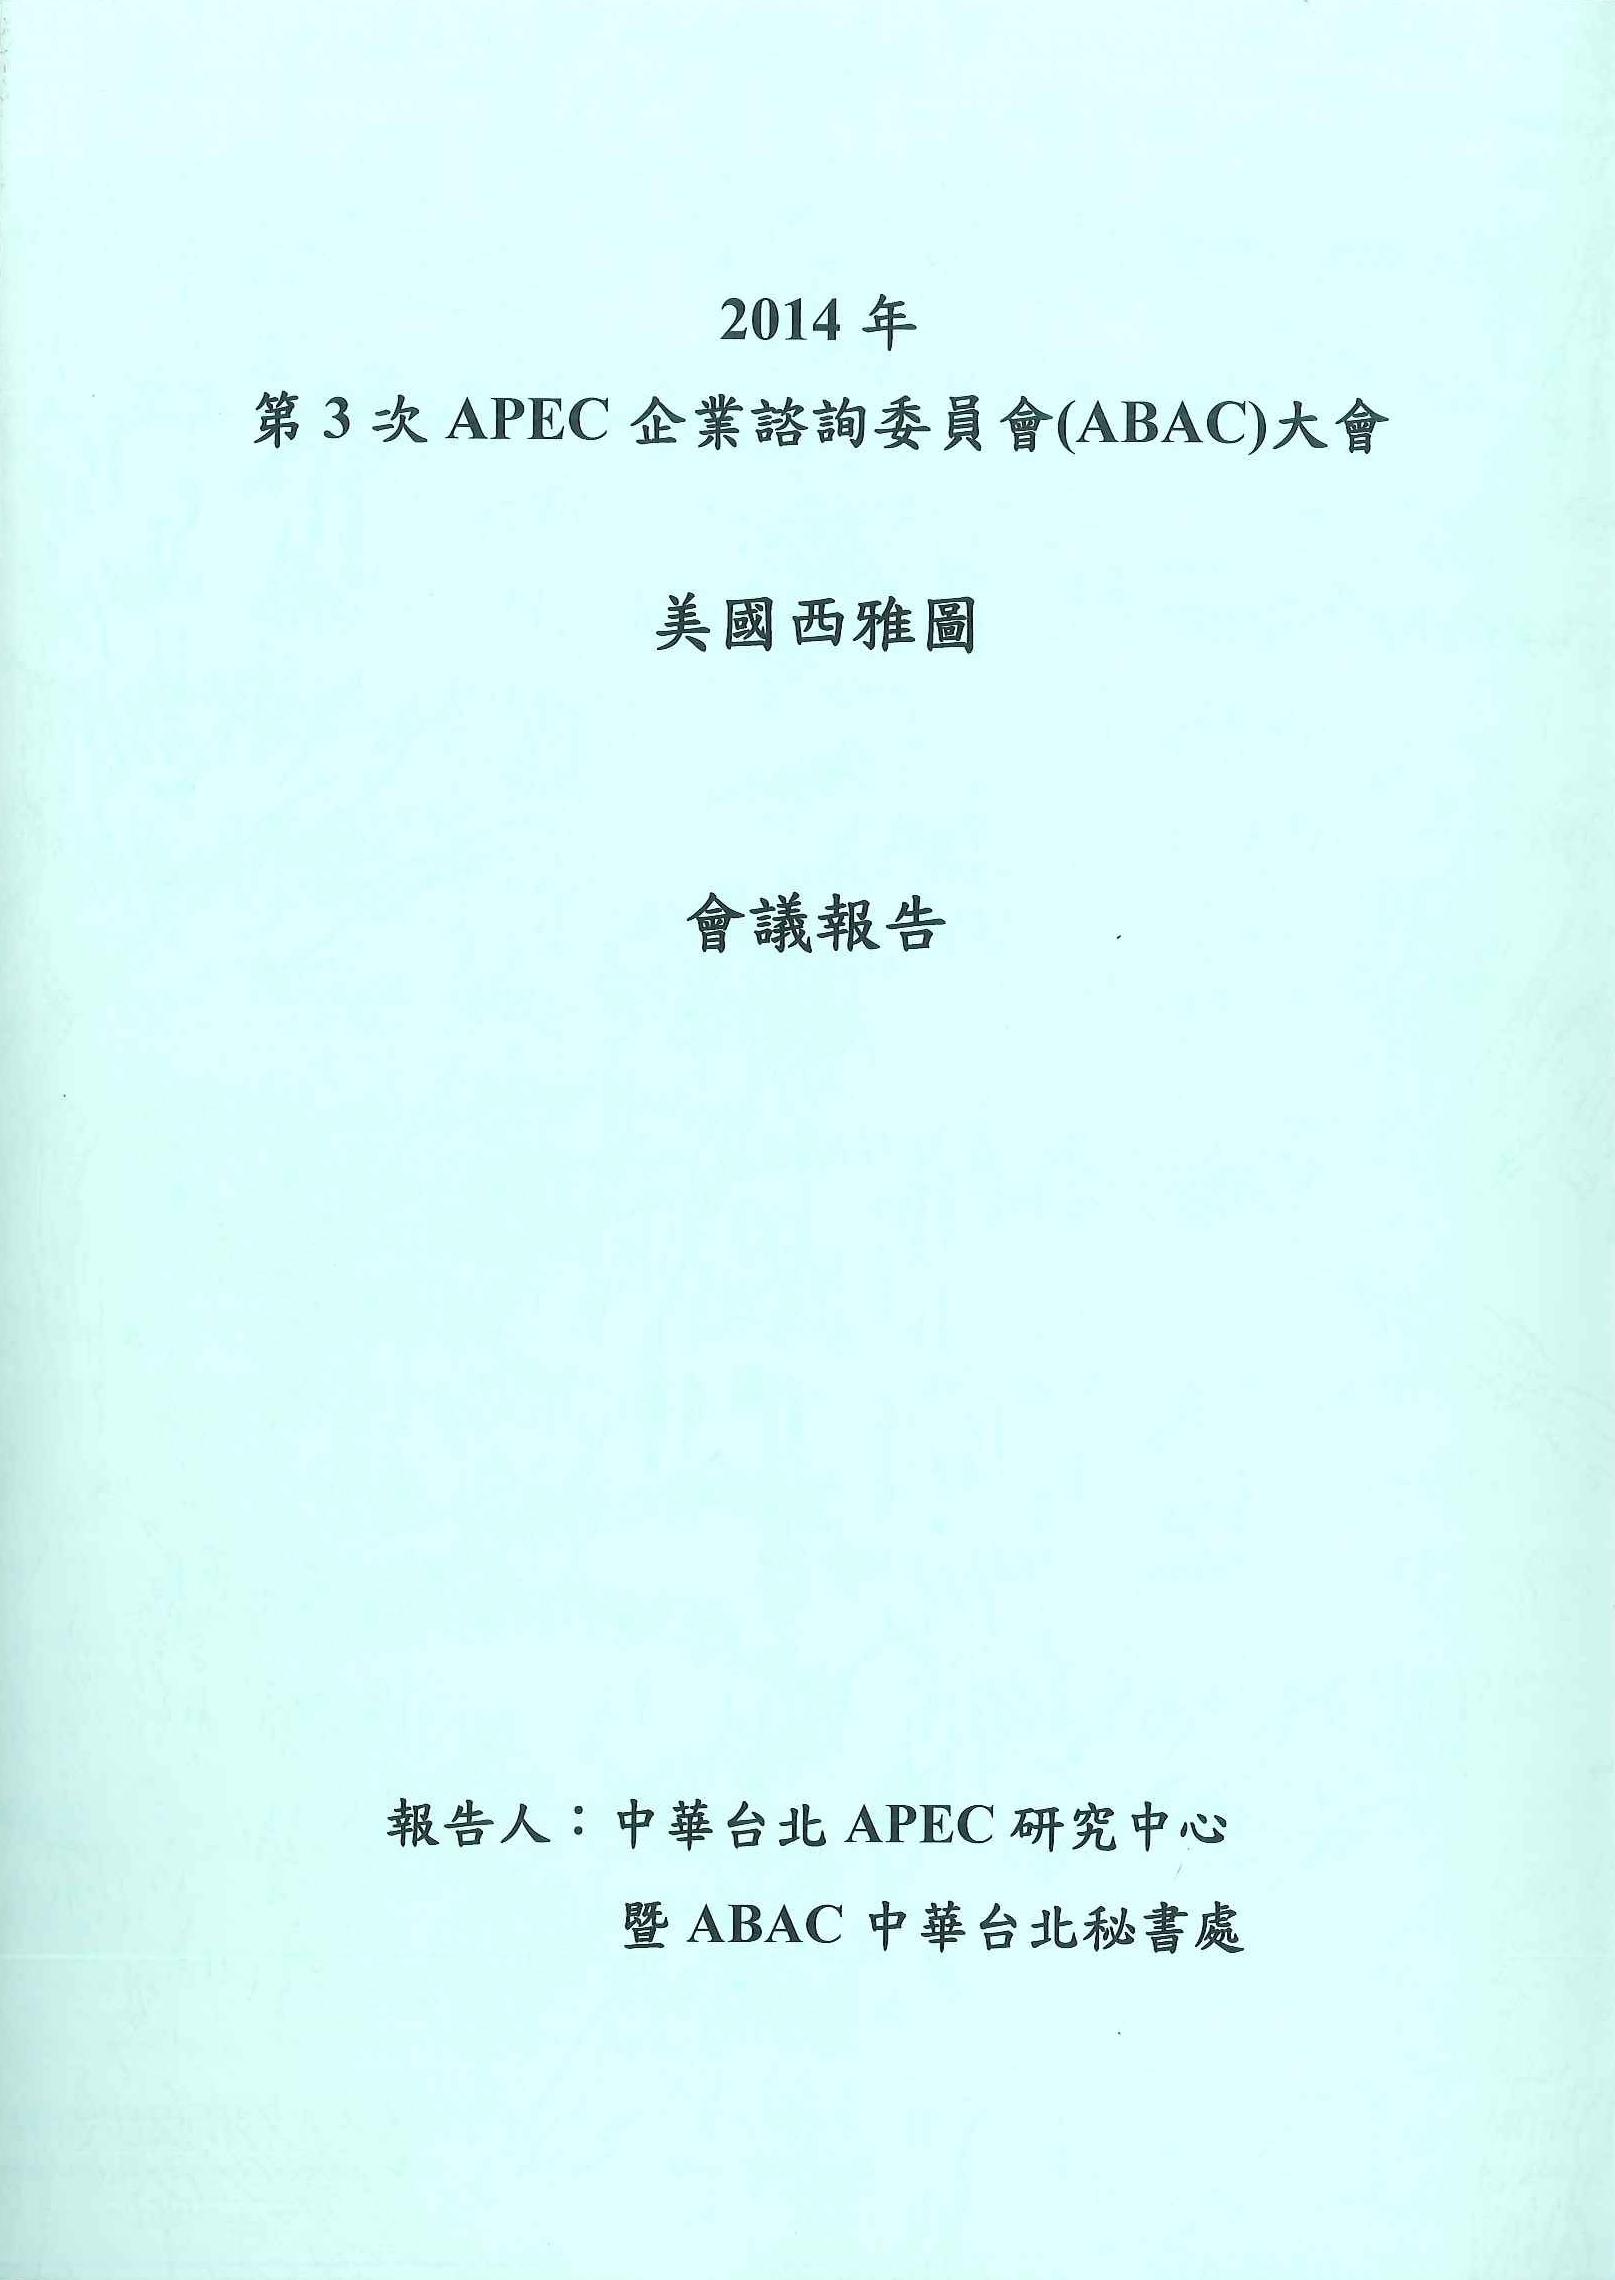 2014年第3次APEC企業諮詢委員會(ABAC)大會美國西雅圖會議報告